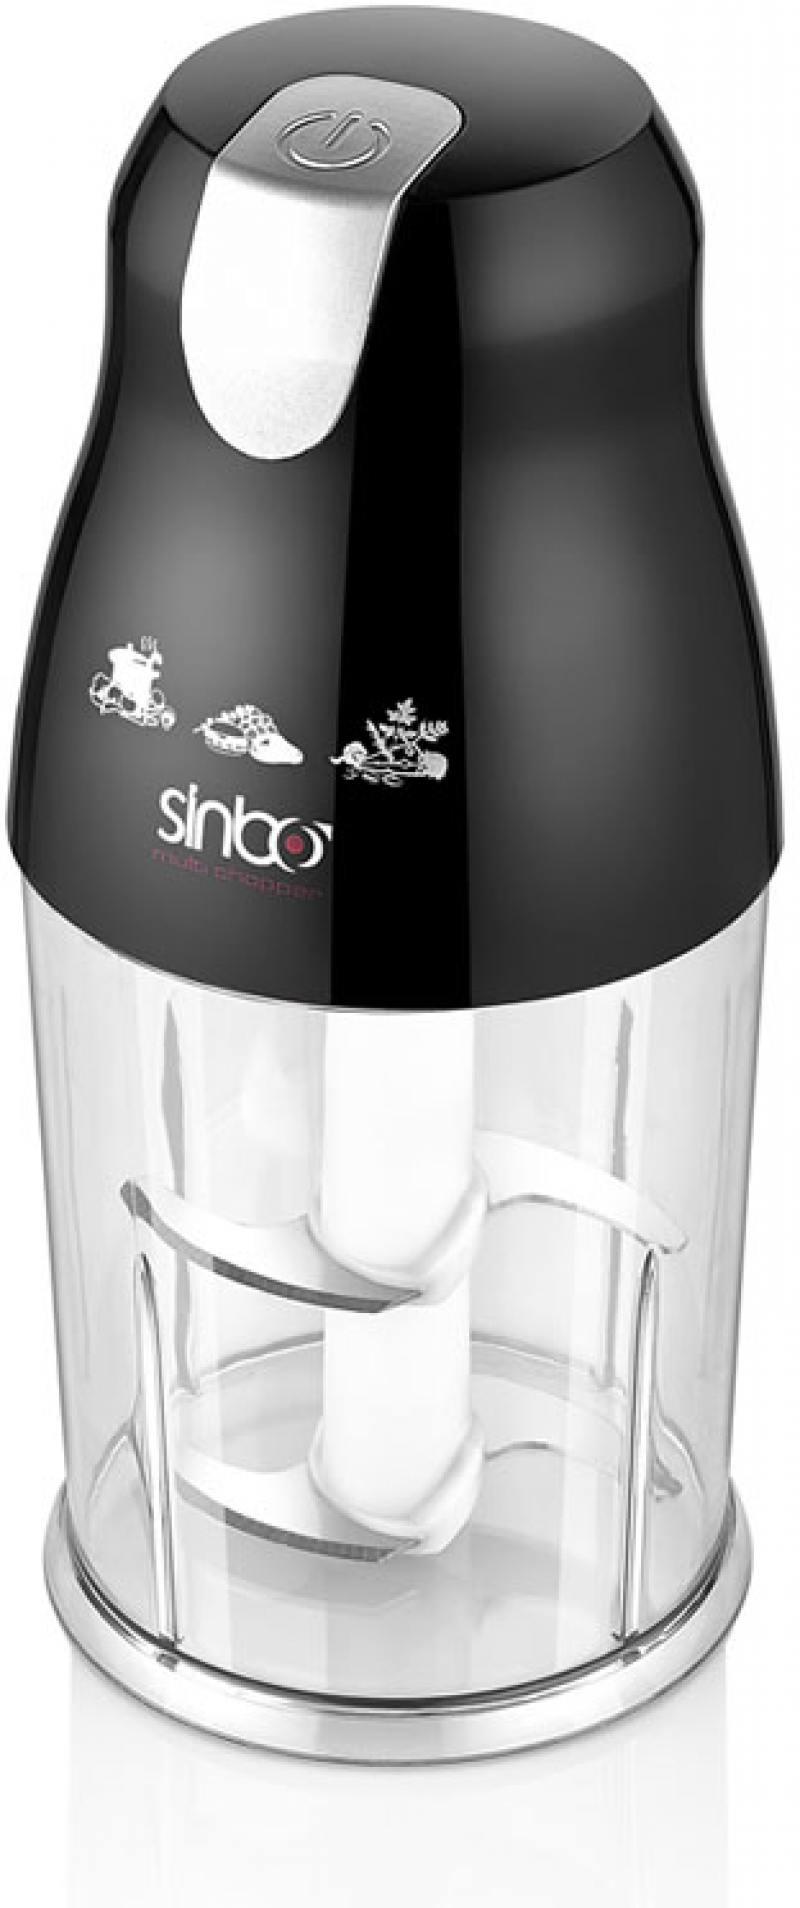 Измельчитель Sinbo SHB-3106 400Вт чёрный